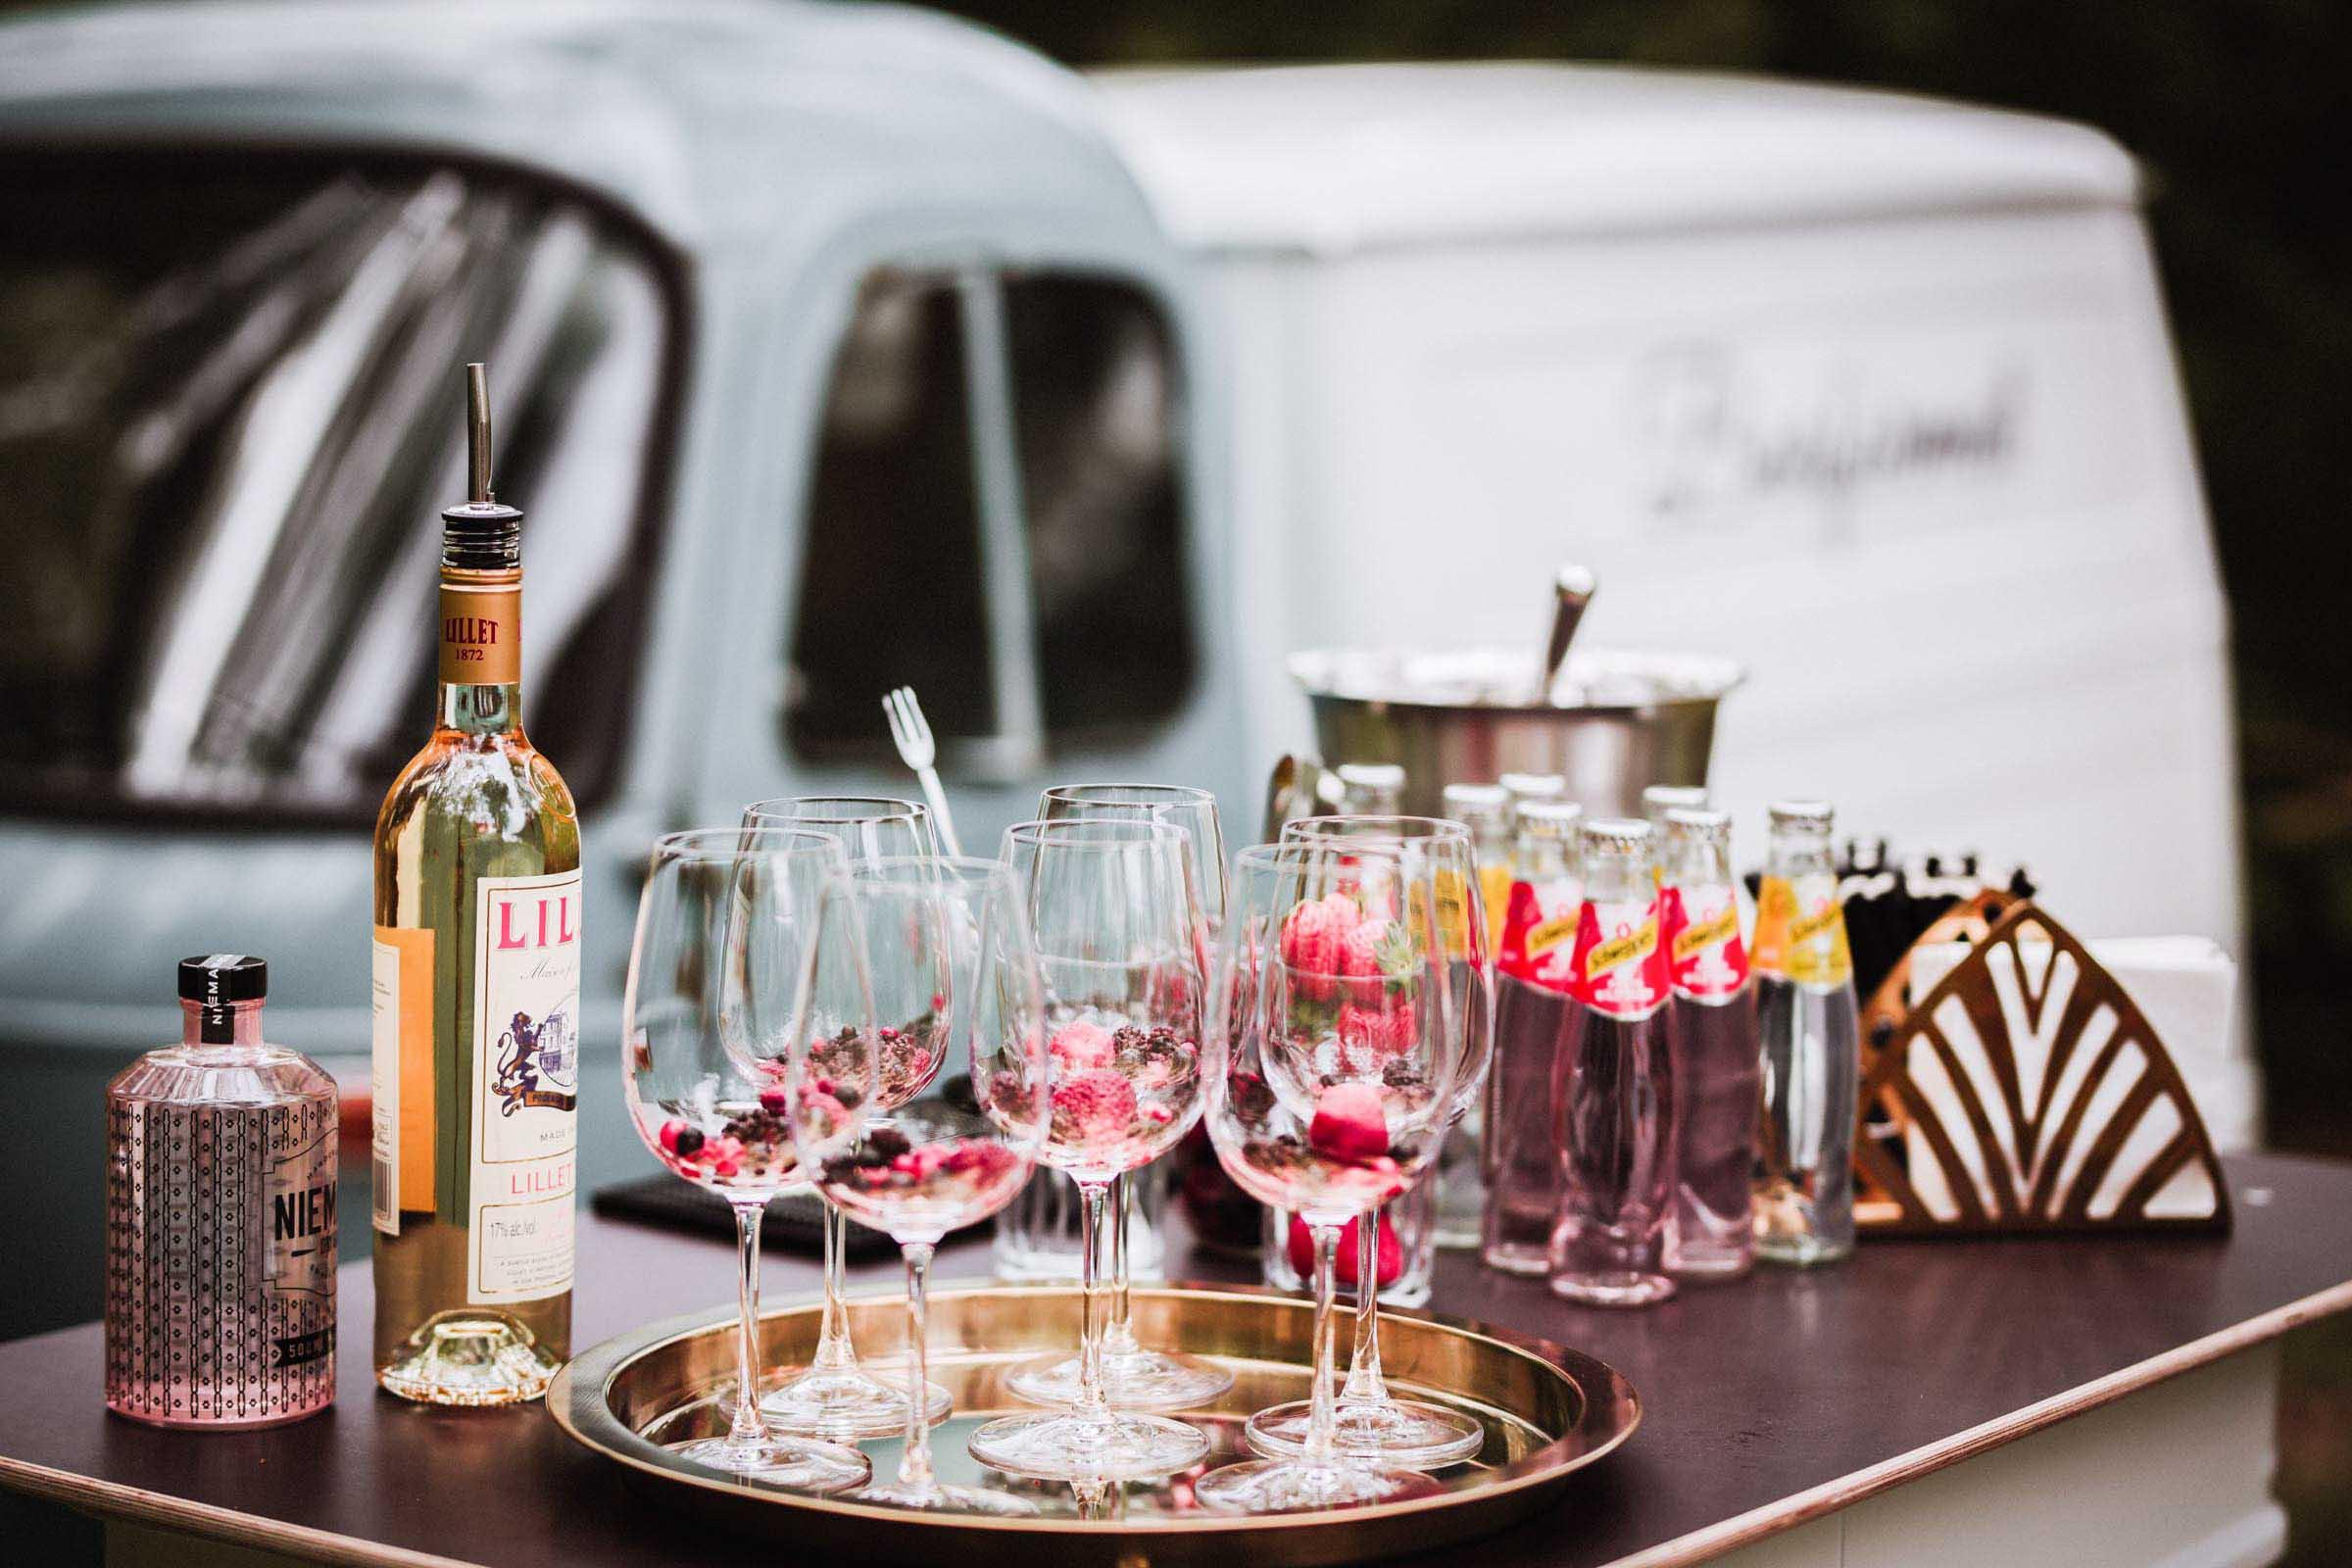 Lehmann | Eventservice | Mobile | Bar | Hannover | Hamburg | Braunschweig | Bremen | Cocktailbar | Sektempfang | Bulli | Bar | Hochzeit | Cocktailservice | Barkeeper | Messen | Firmenfeiern | Catering | Food | Truck | Getränke